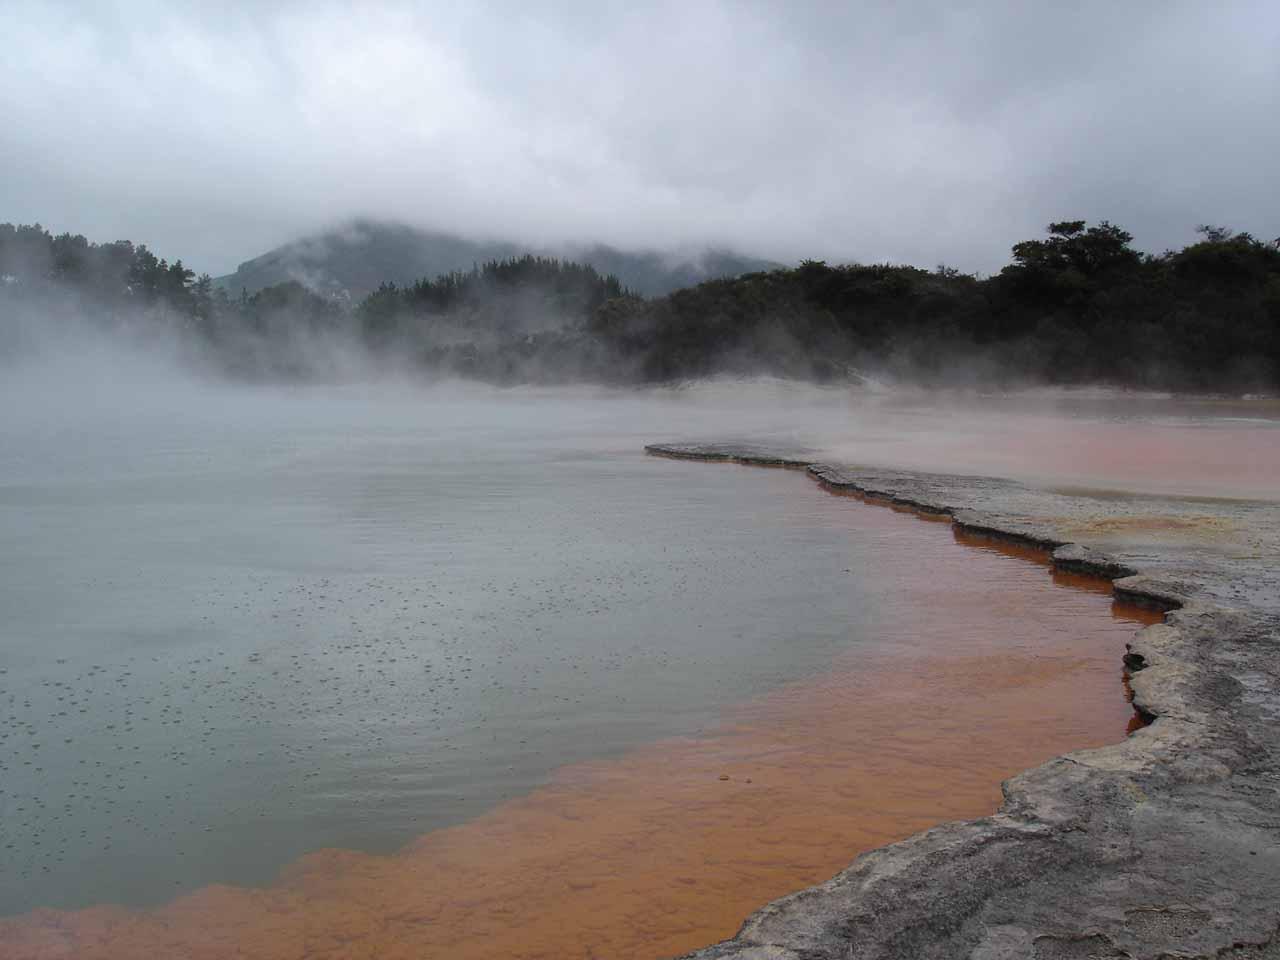 The Champagne Pool at Wai-o-tapu